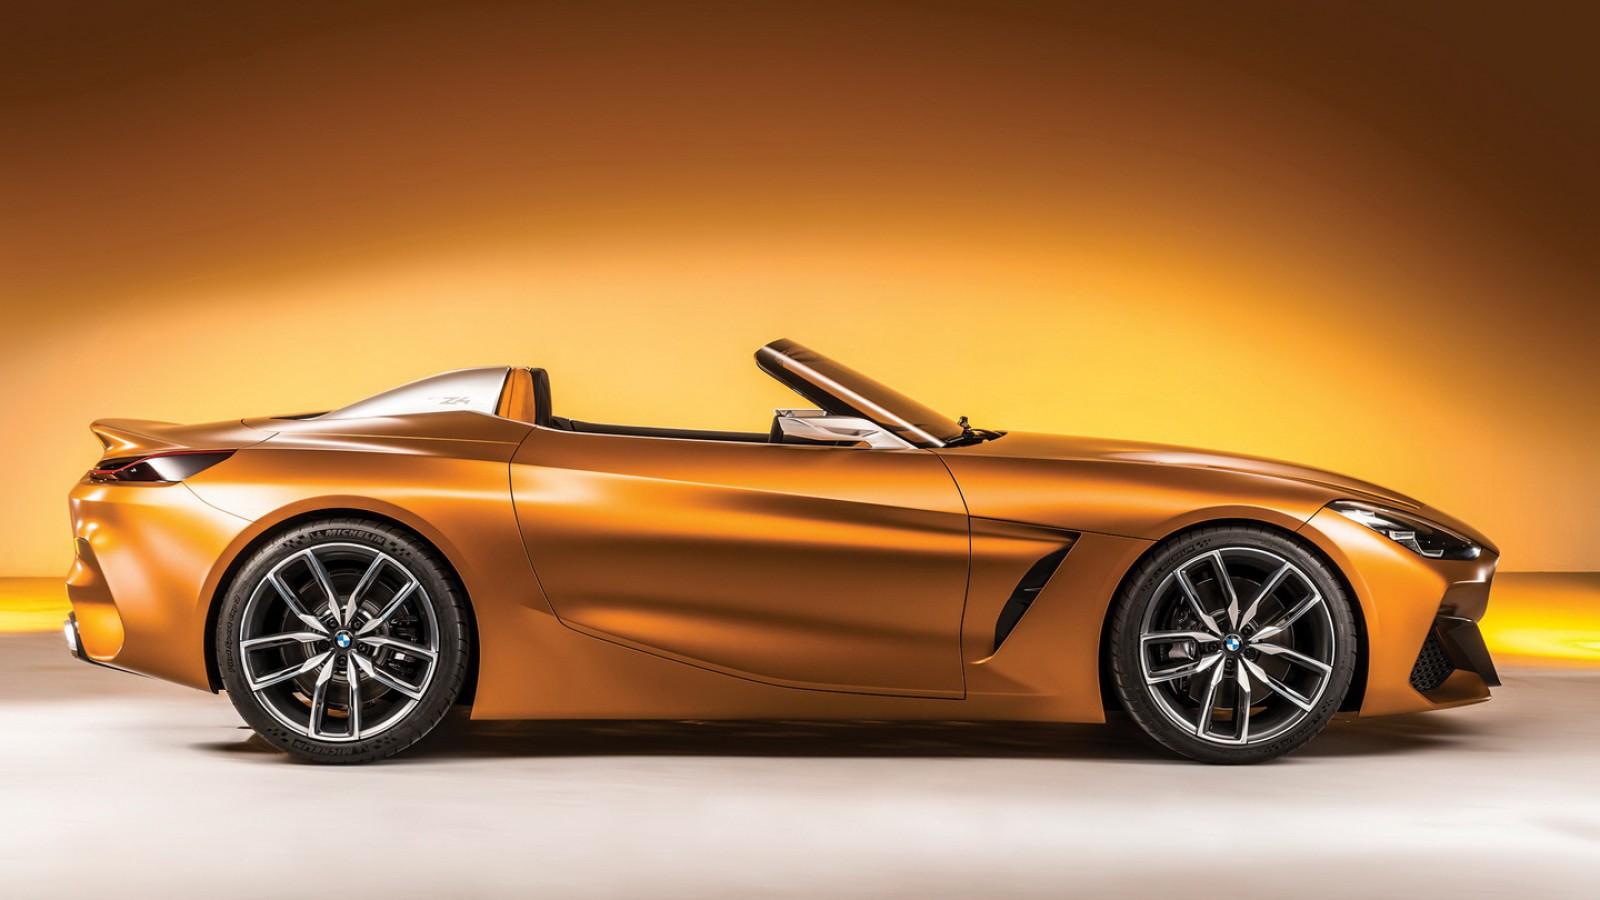 (foto) Noul BMW Z4 M40i a fost deconspirat. Urmează premiera modelului